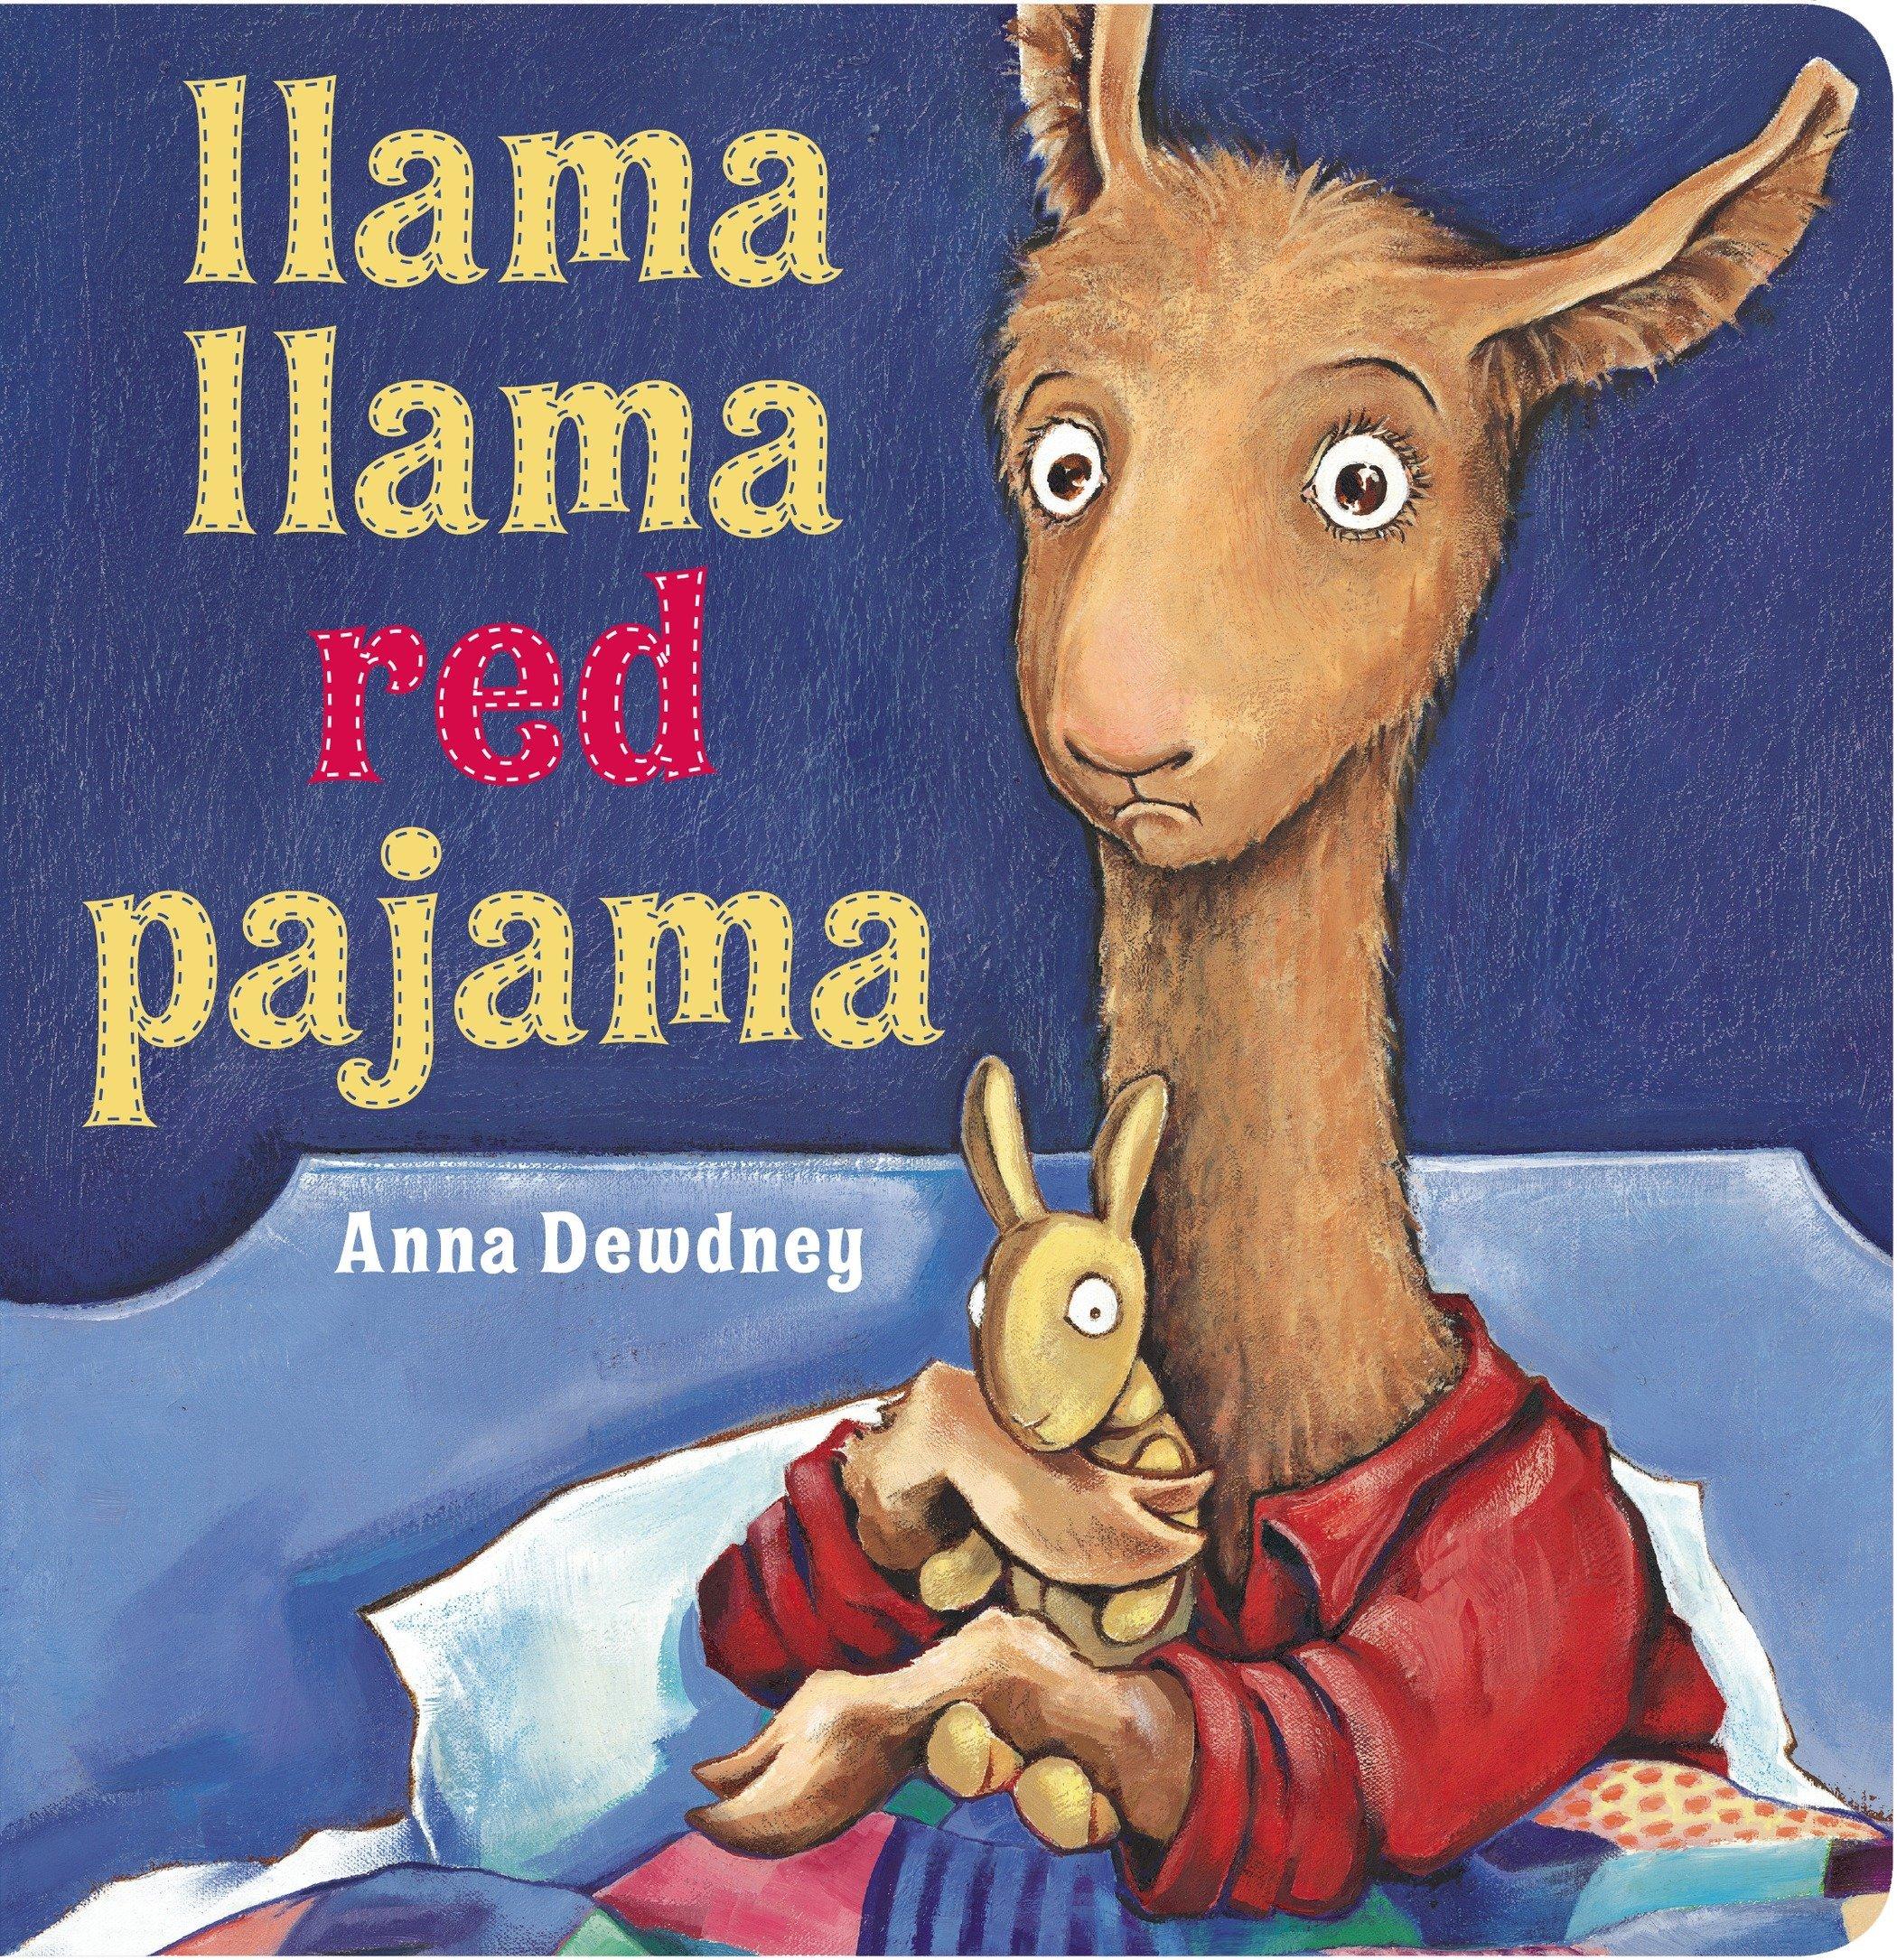 Llama llama red pajama | Bedtime story books | Beanstalk Mums